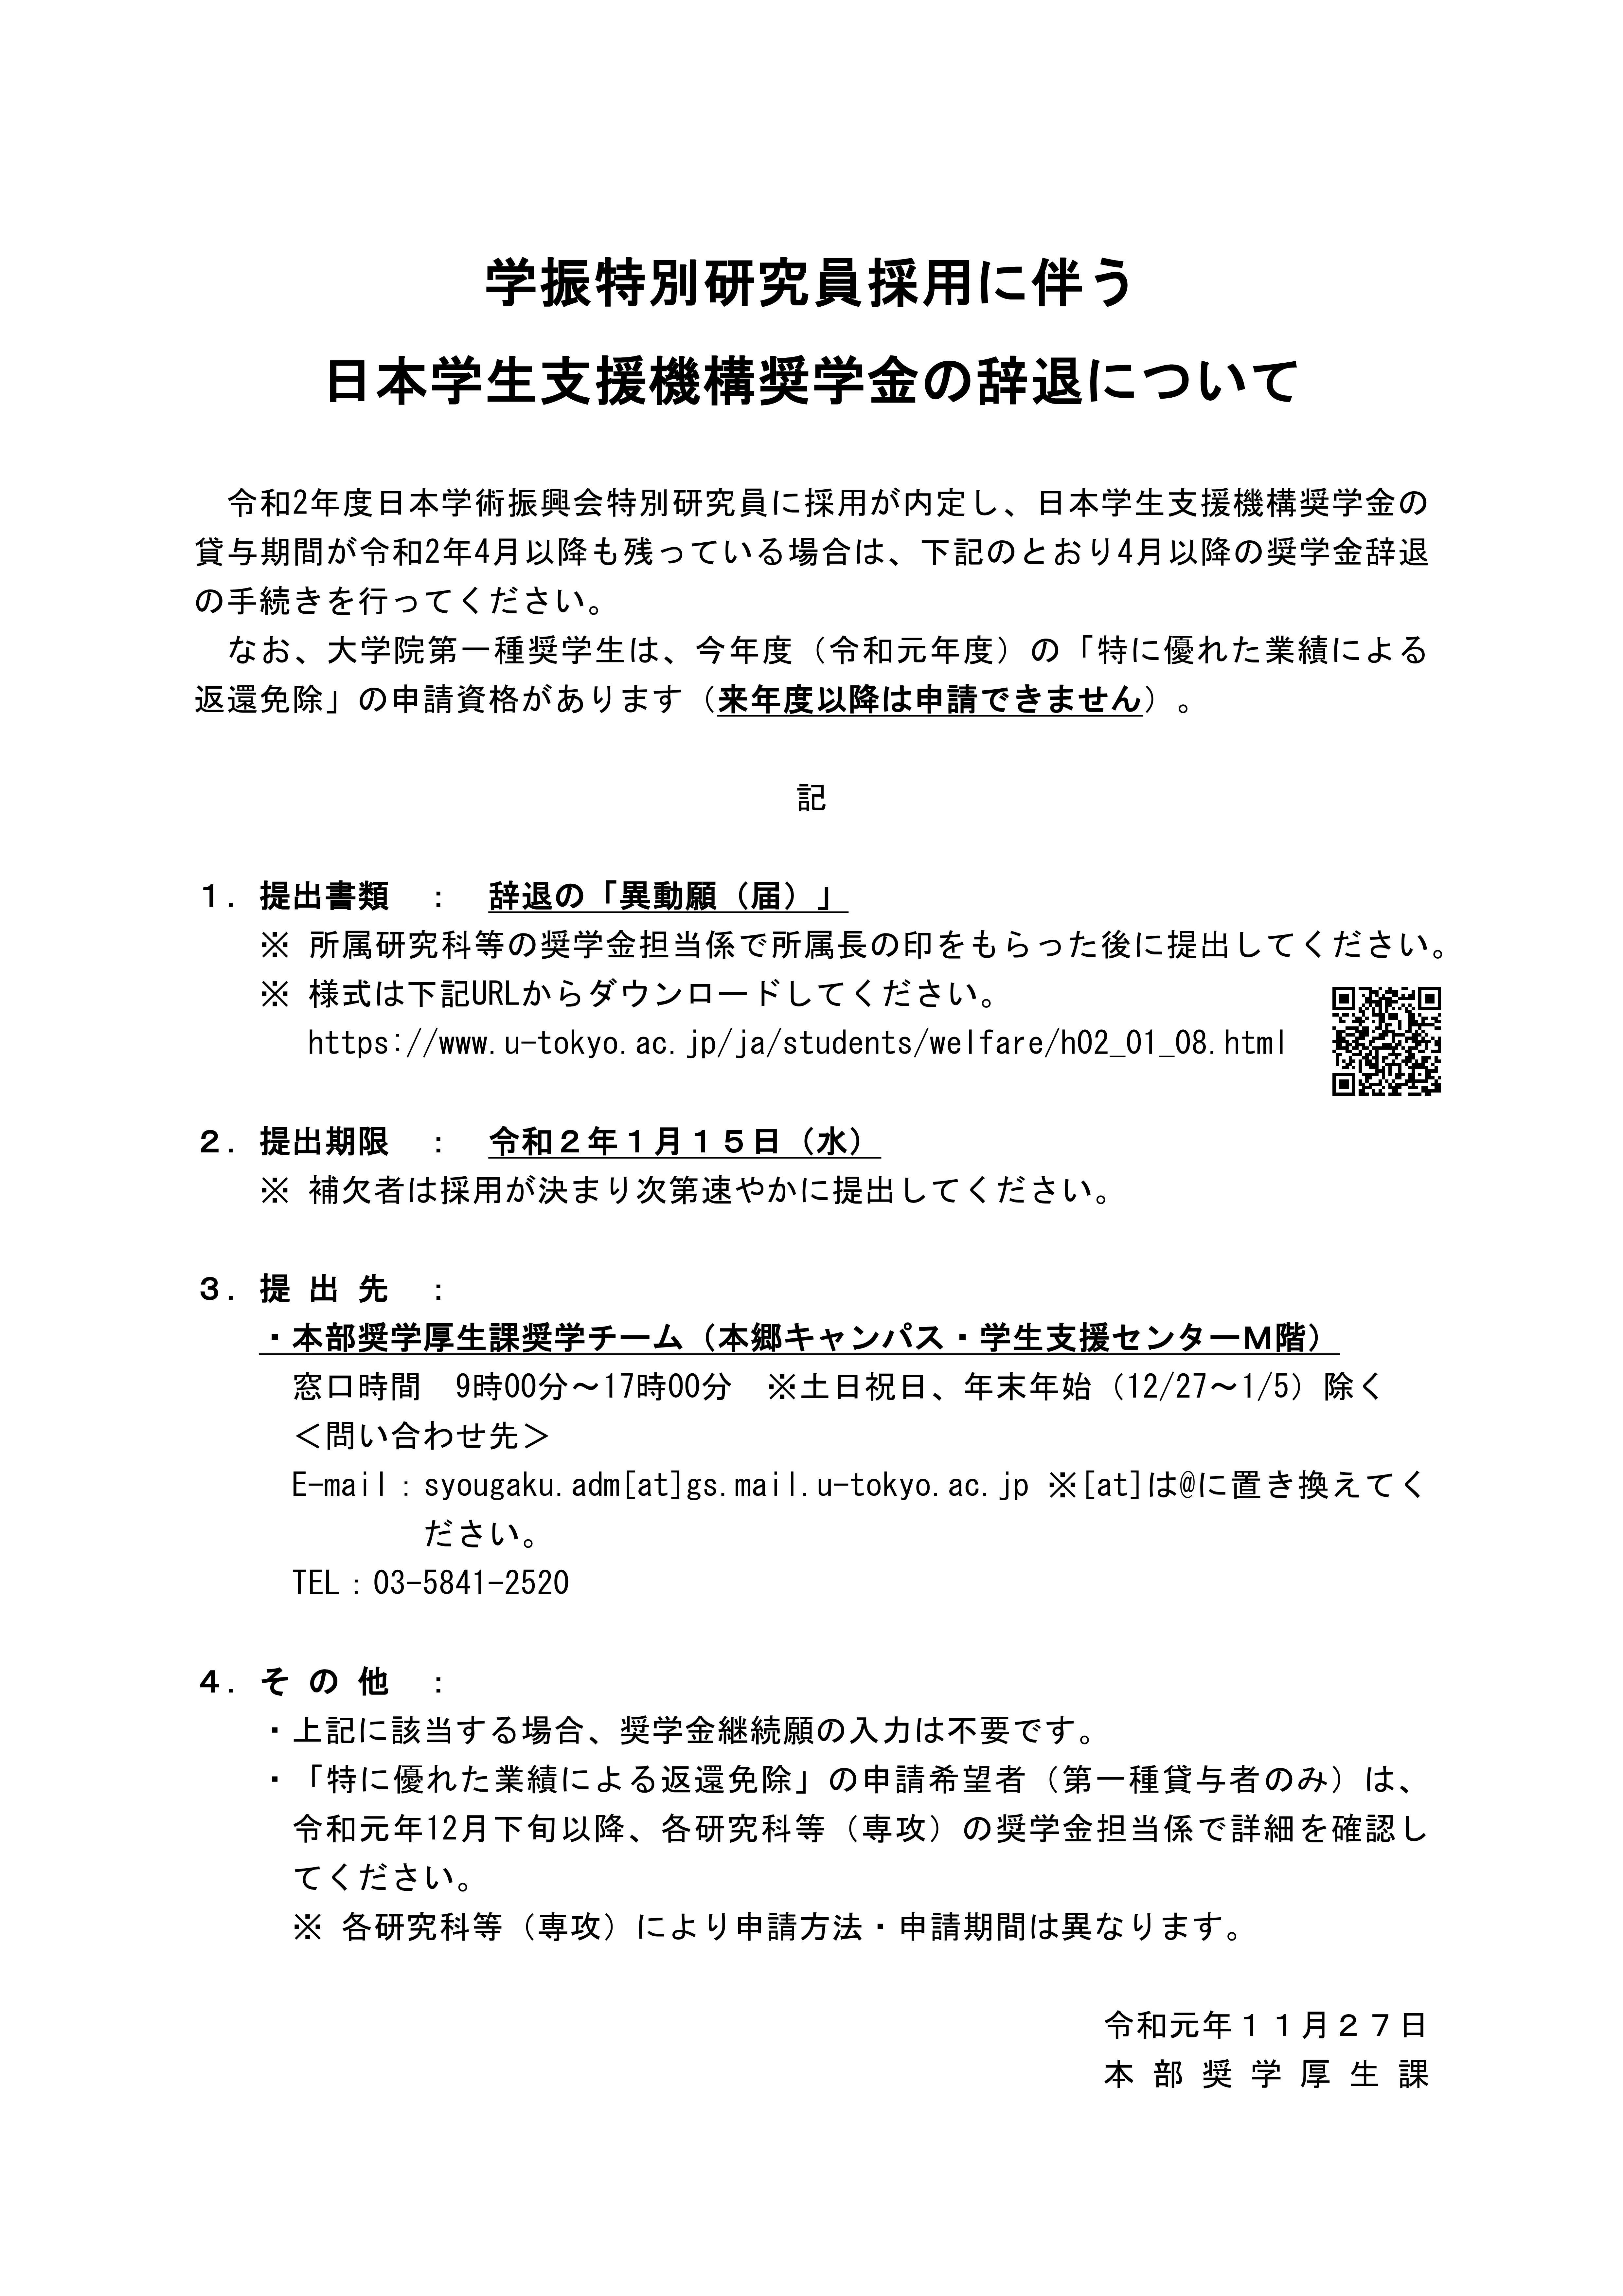 日本 学生 支援 機構